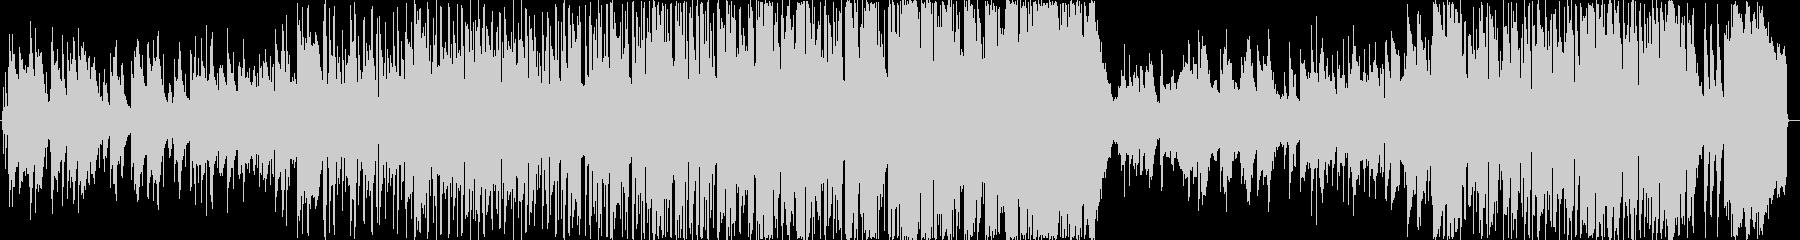 アダルトなムード溢れるオルガンバラードの未再生の波形